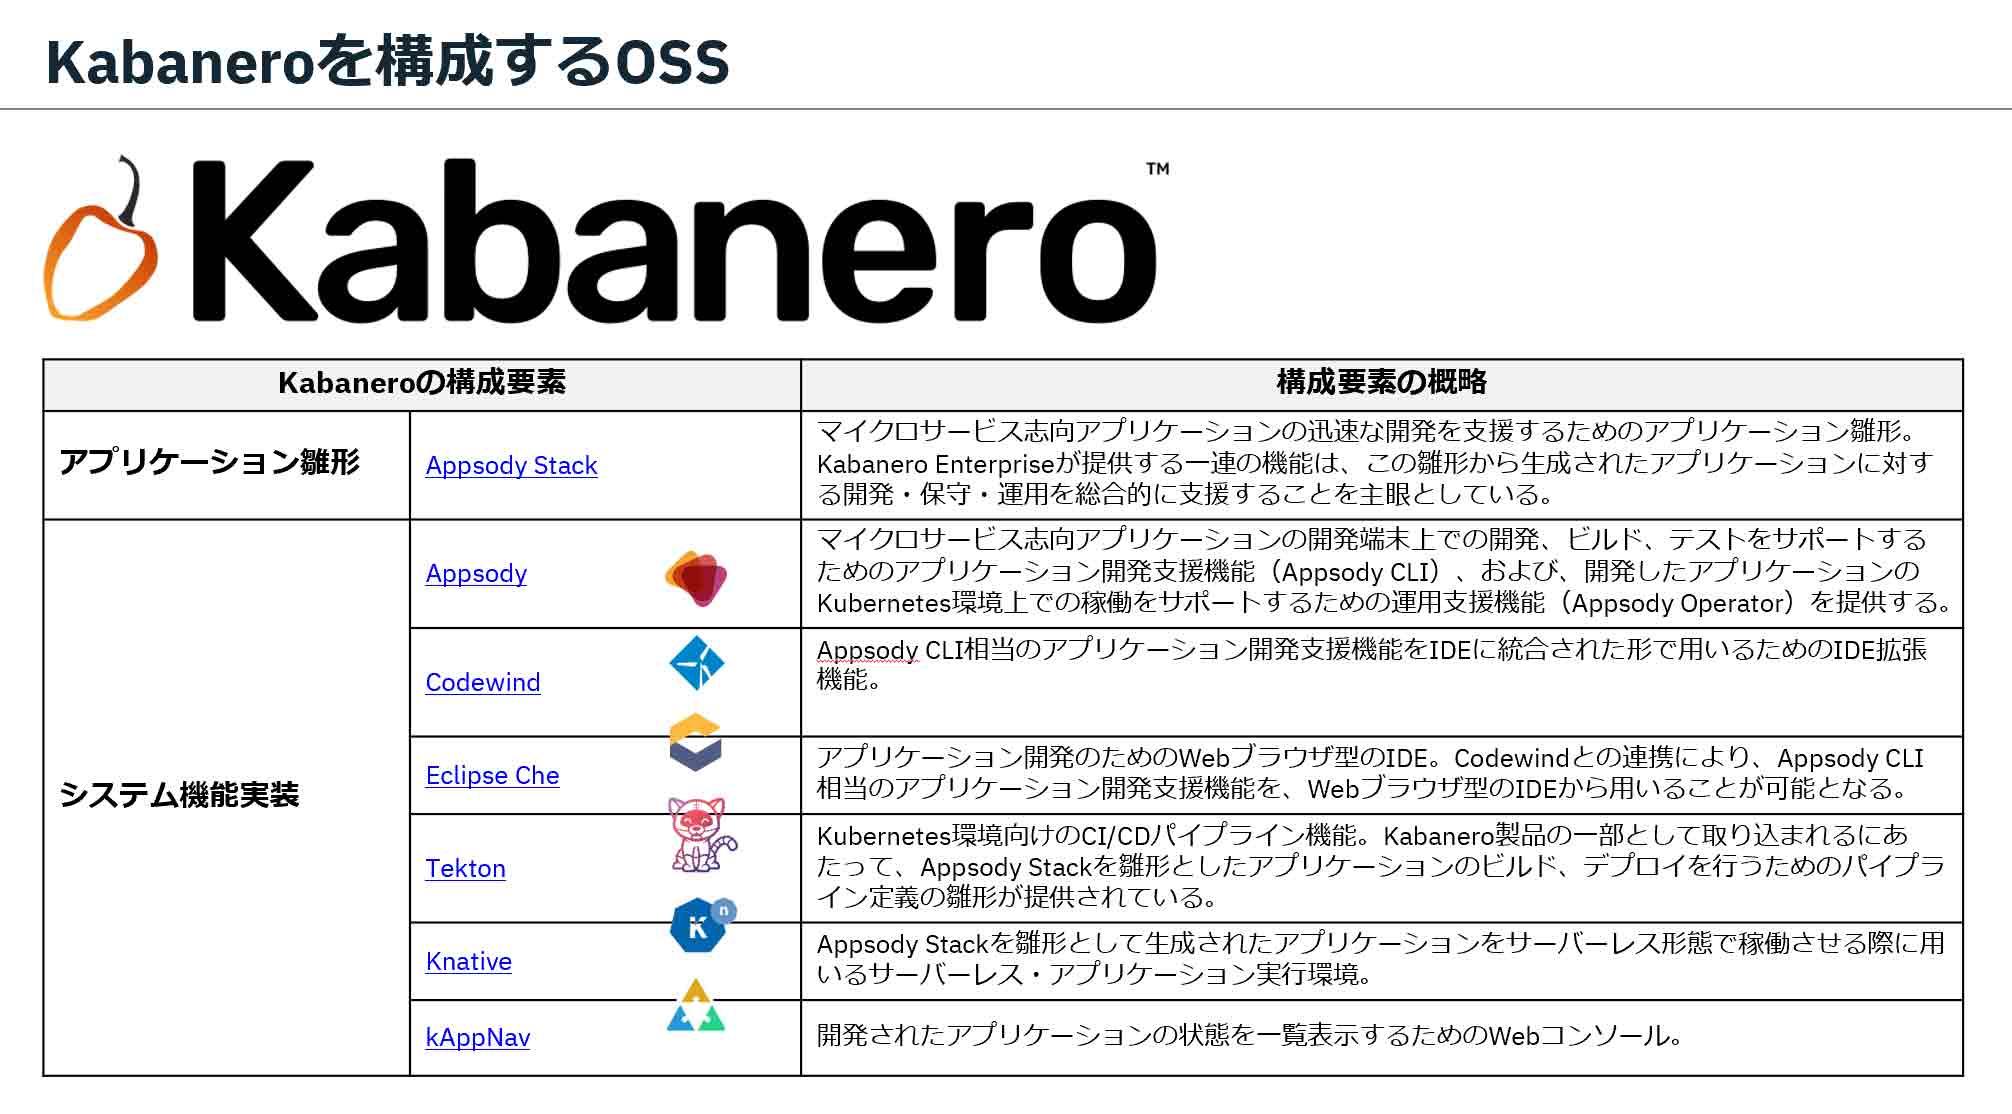 Kabaneroを構成するOSS